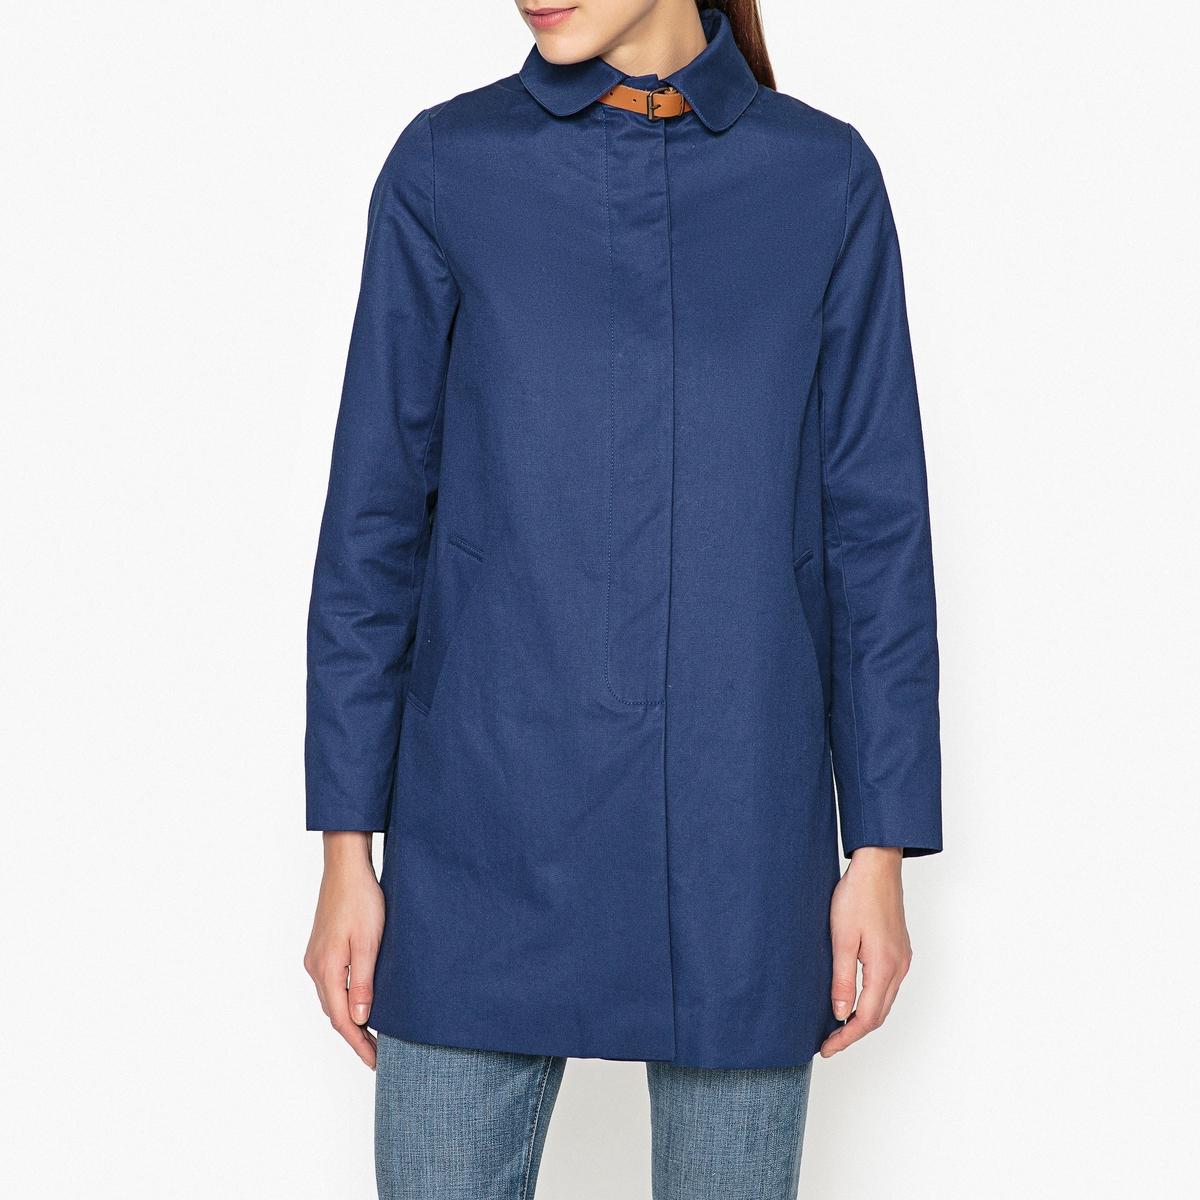 Пальто средней длины с капюшоном GLORIAОписание:Пальто средней длины SESSUN - модель GLORIA, короткий покрой.Детали   •  Длина : укороченная модель •  Капюшон  •  Застежка на пуговицы •  С капюшоном Состав и уход   •  100% хлопок •  Следуйте рекомендациям по уходу, указанным на этикетке изделия<br><br>Цвет: синий